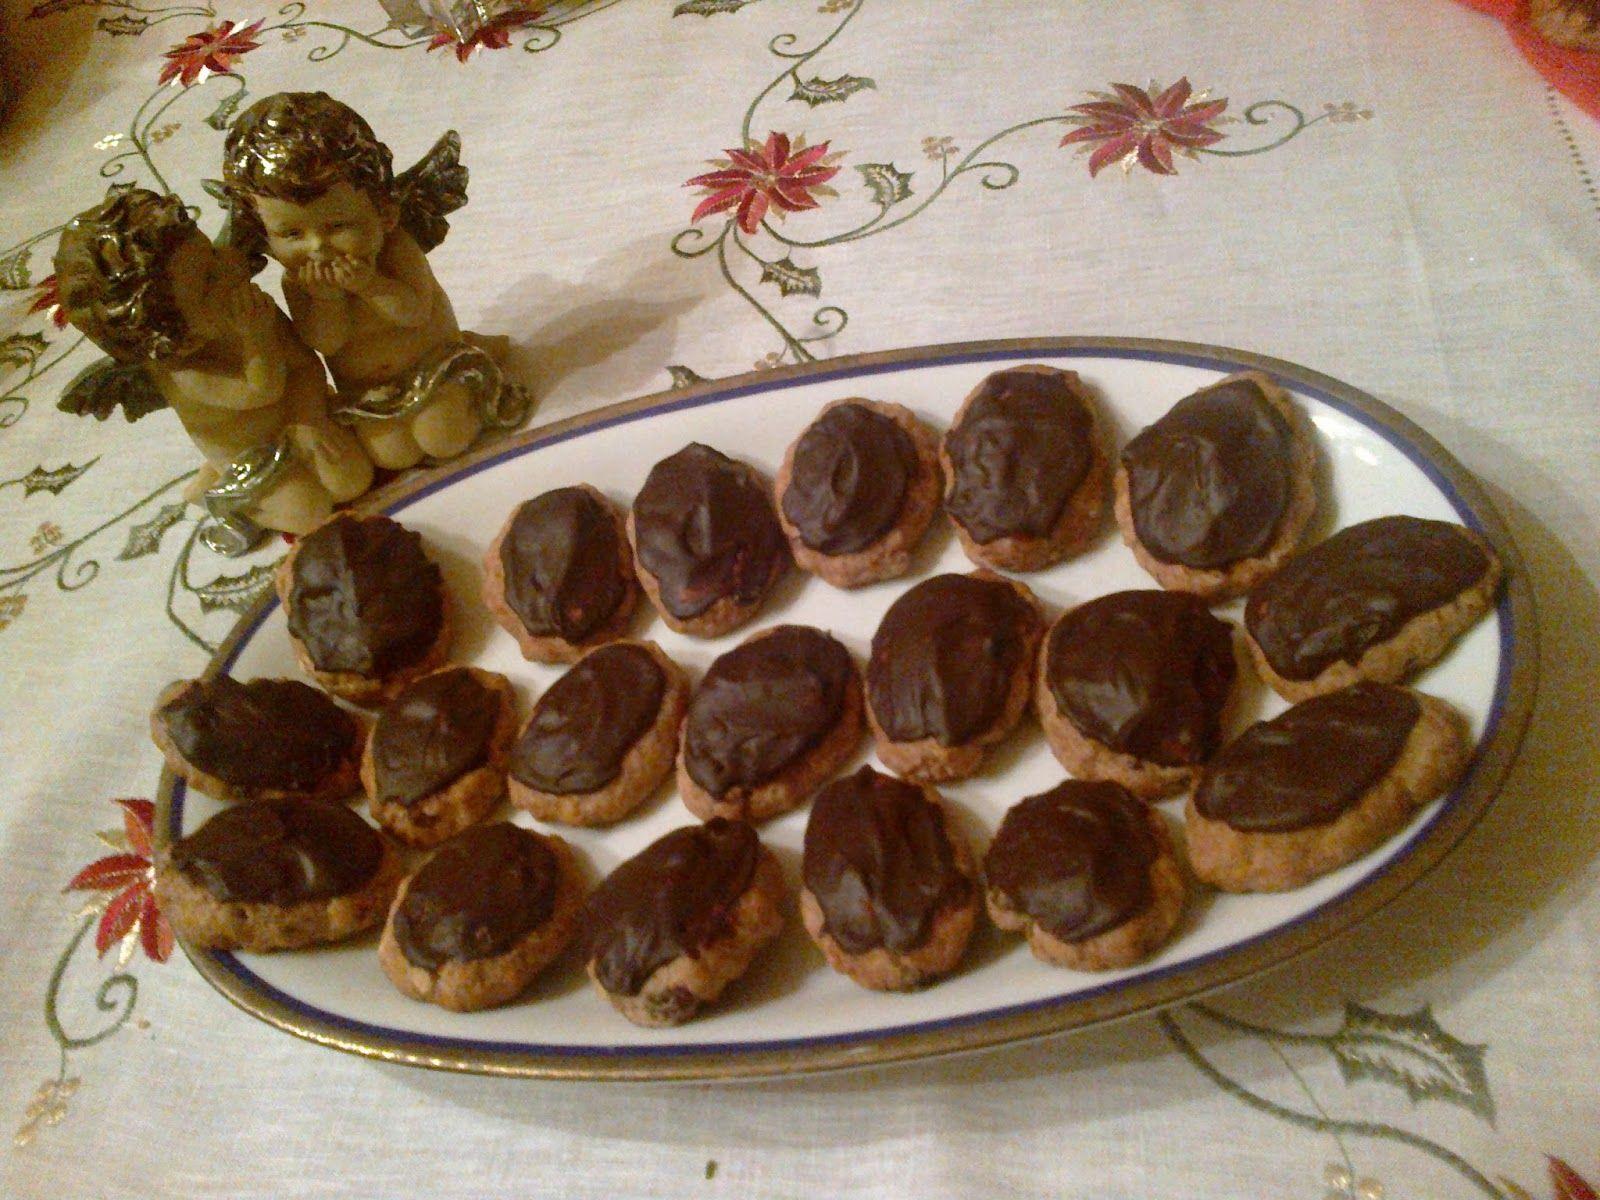 Questi sono dolcetti antichissimi, ben radicati nella tradizione natalizia calabrese e le cui origini si perdono nelle notti d' Orie...